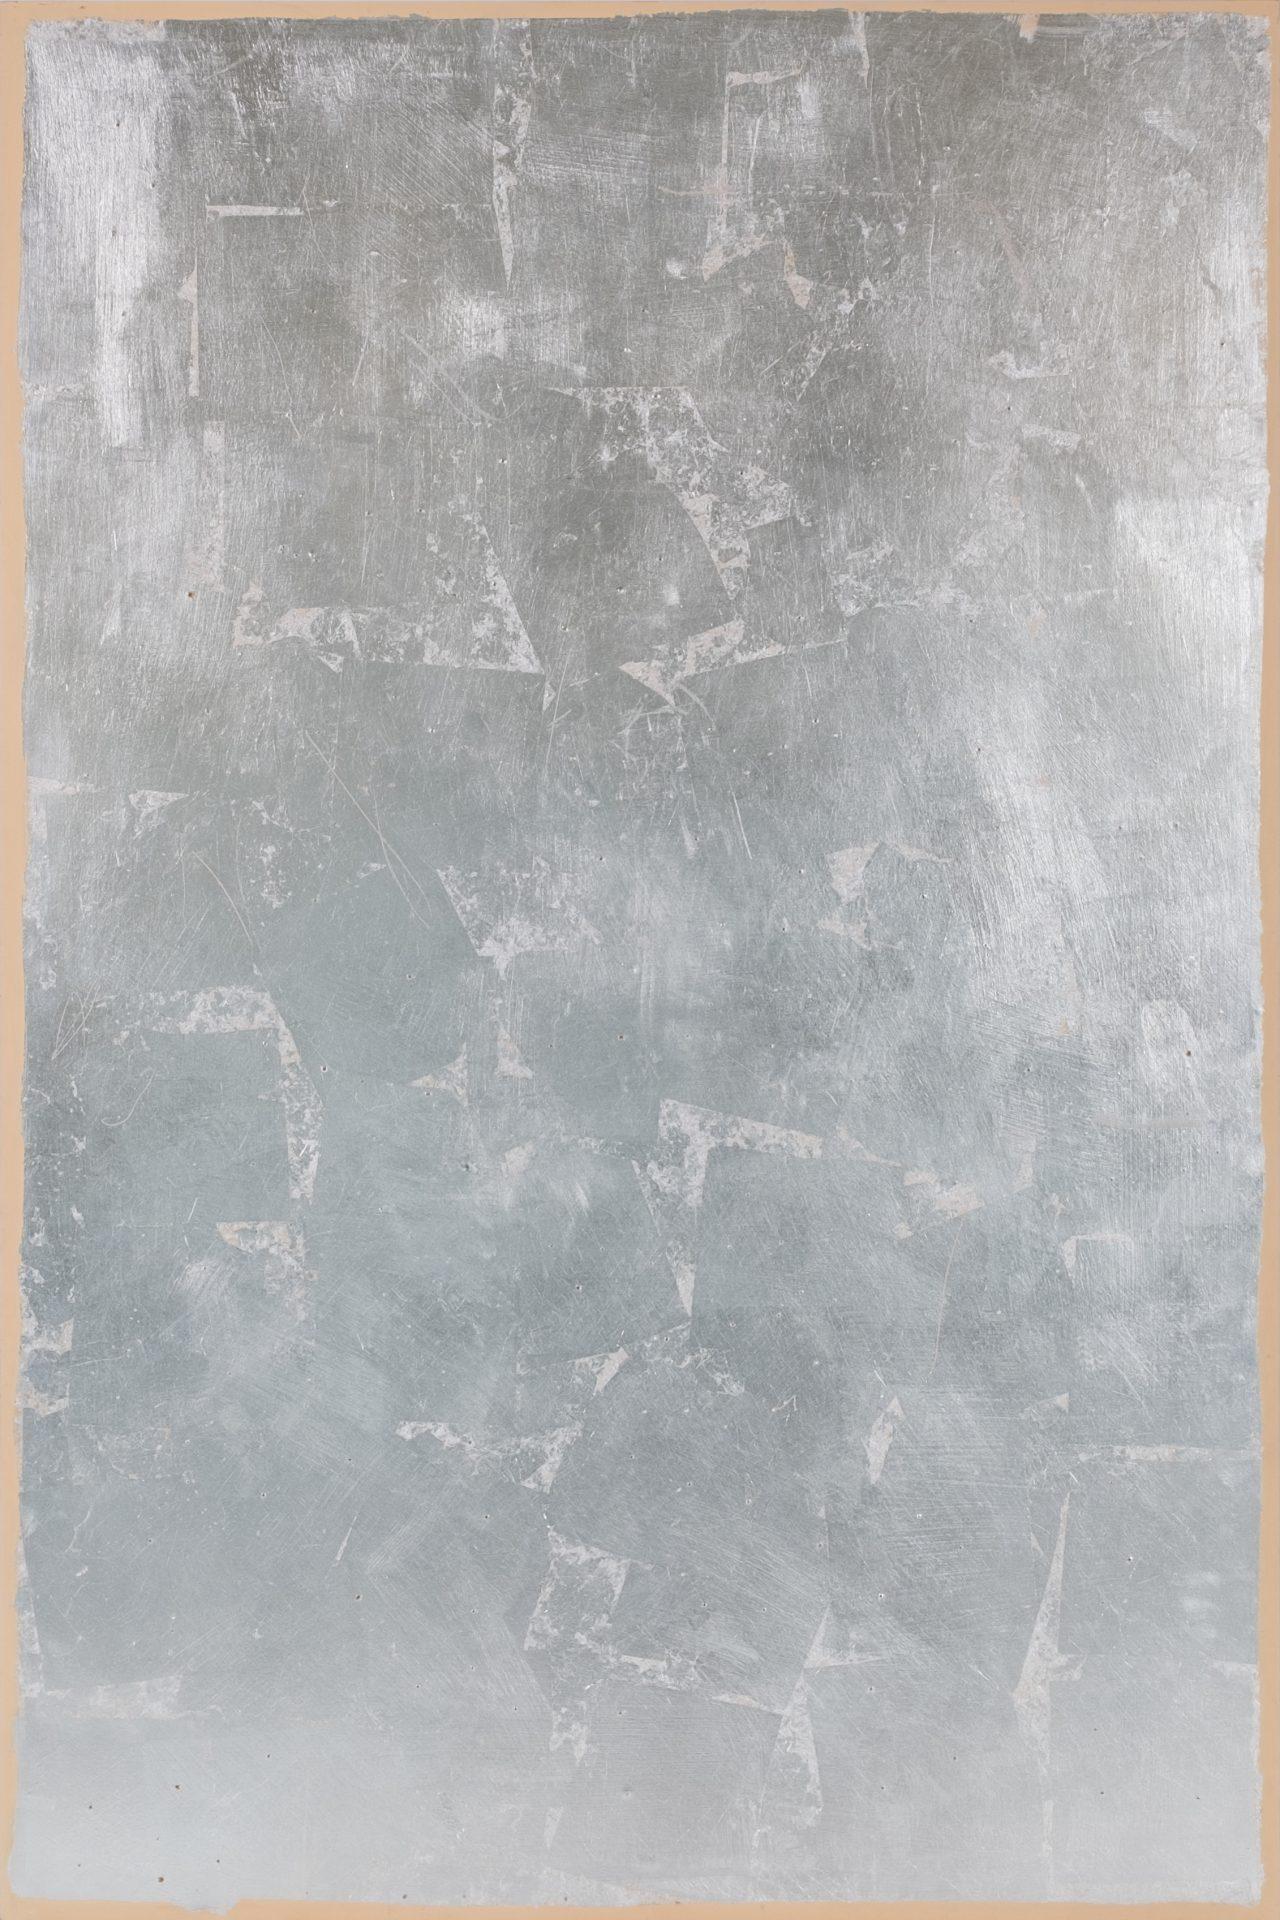 Argenteria Dynamo<br>OPR07<br>misure: 150 x 100 cm<br>tecnica: foglio d'argento su tavola<br>anno: 2015<br><br>DISPONIBILE